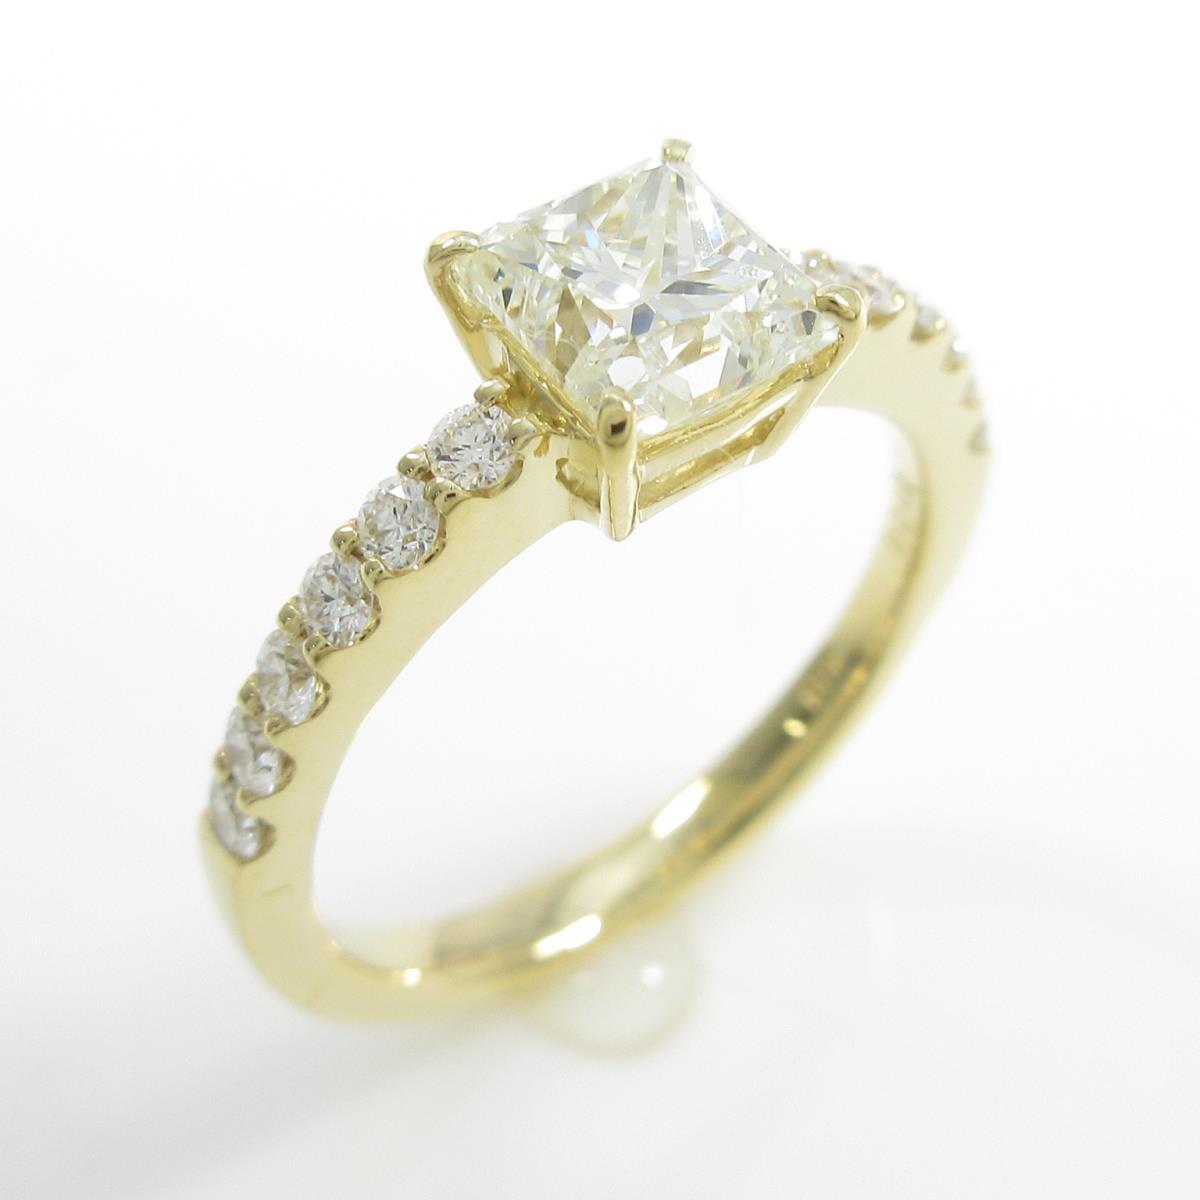 【リメイク】K18YG ダイヤモンドリング 1.020ct・K・SI1・プリンセスカット【中古】